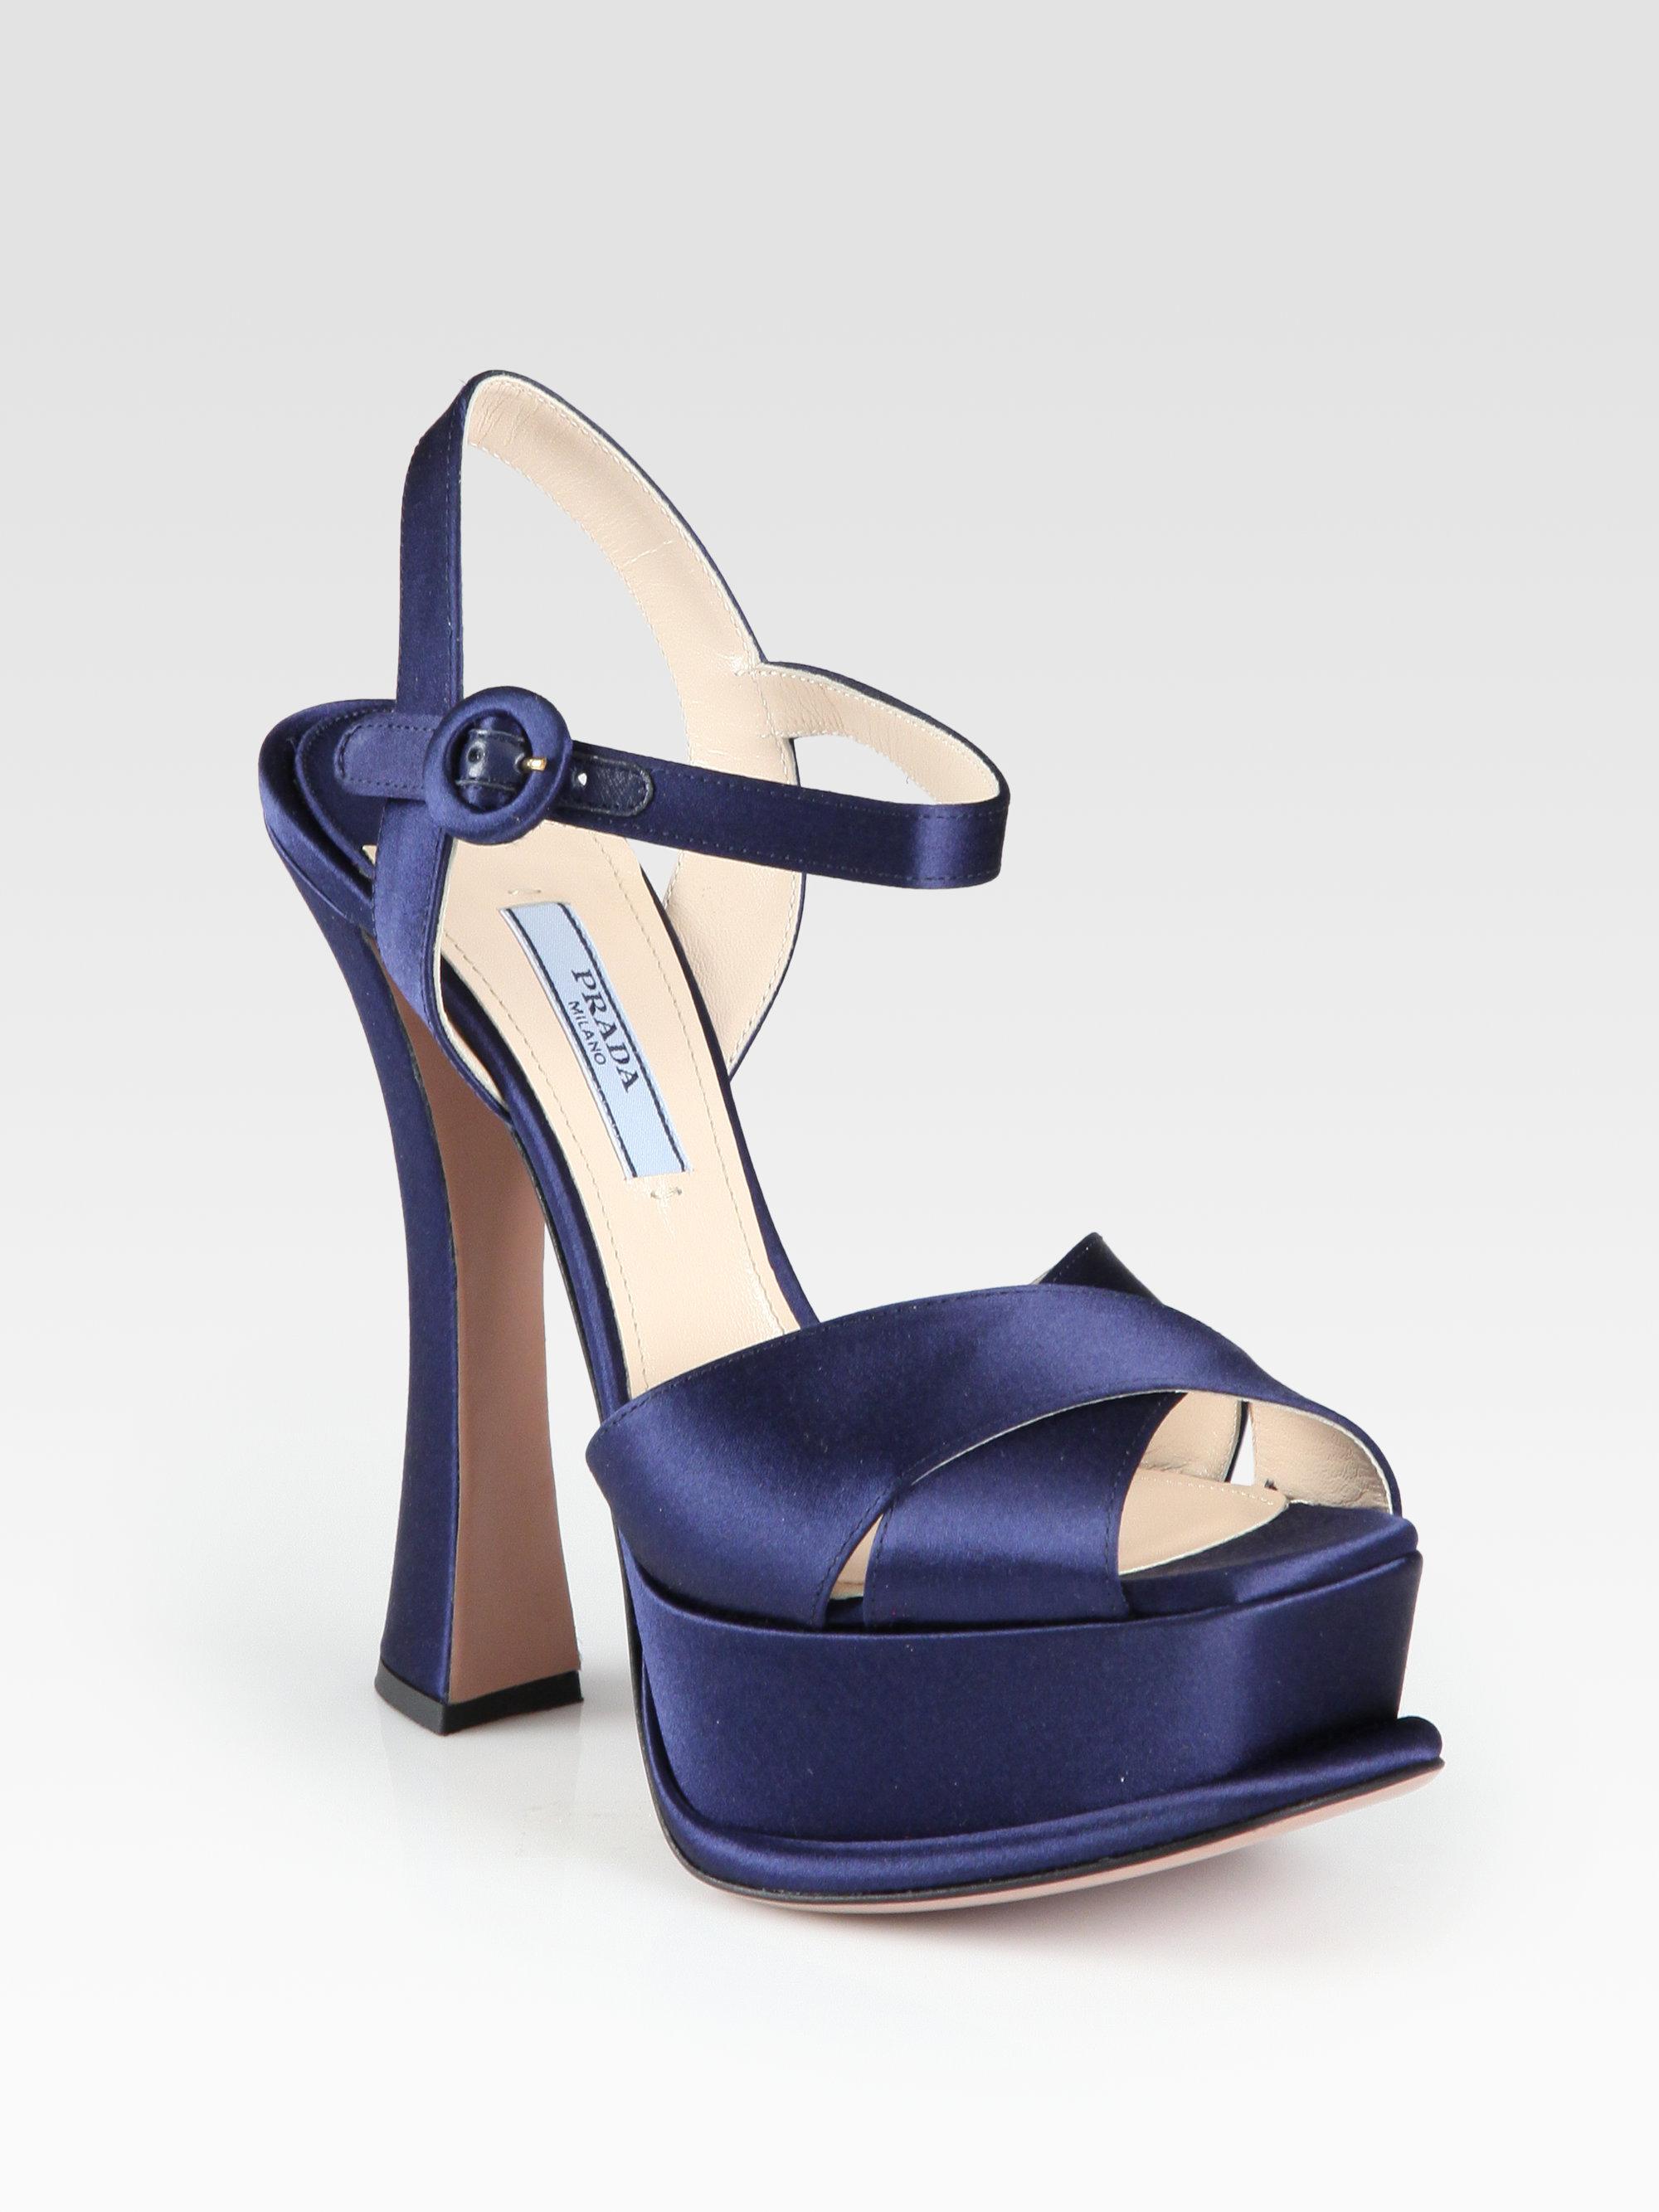 Prada Satin Platform Sandals in Blue - Lyst